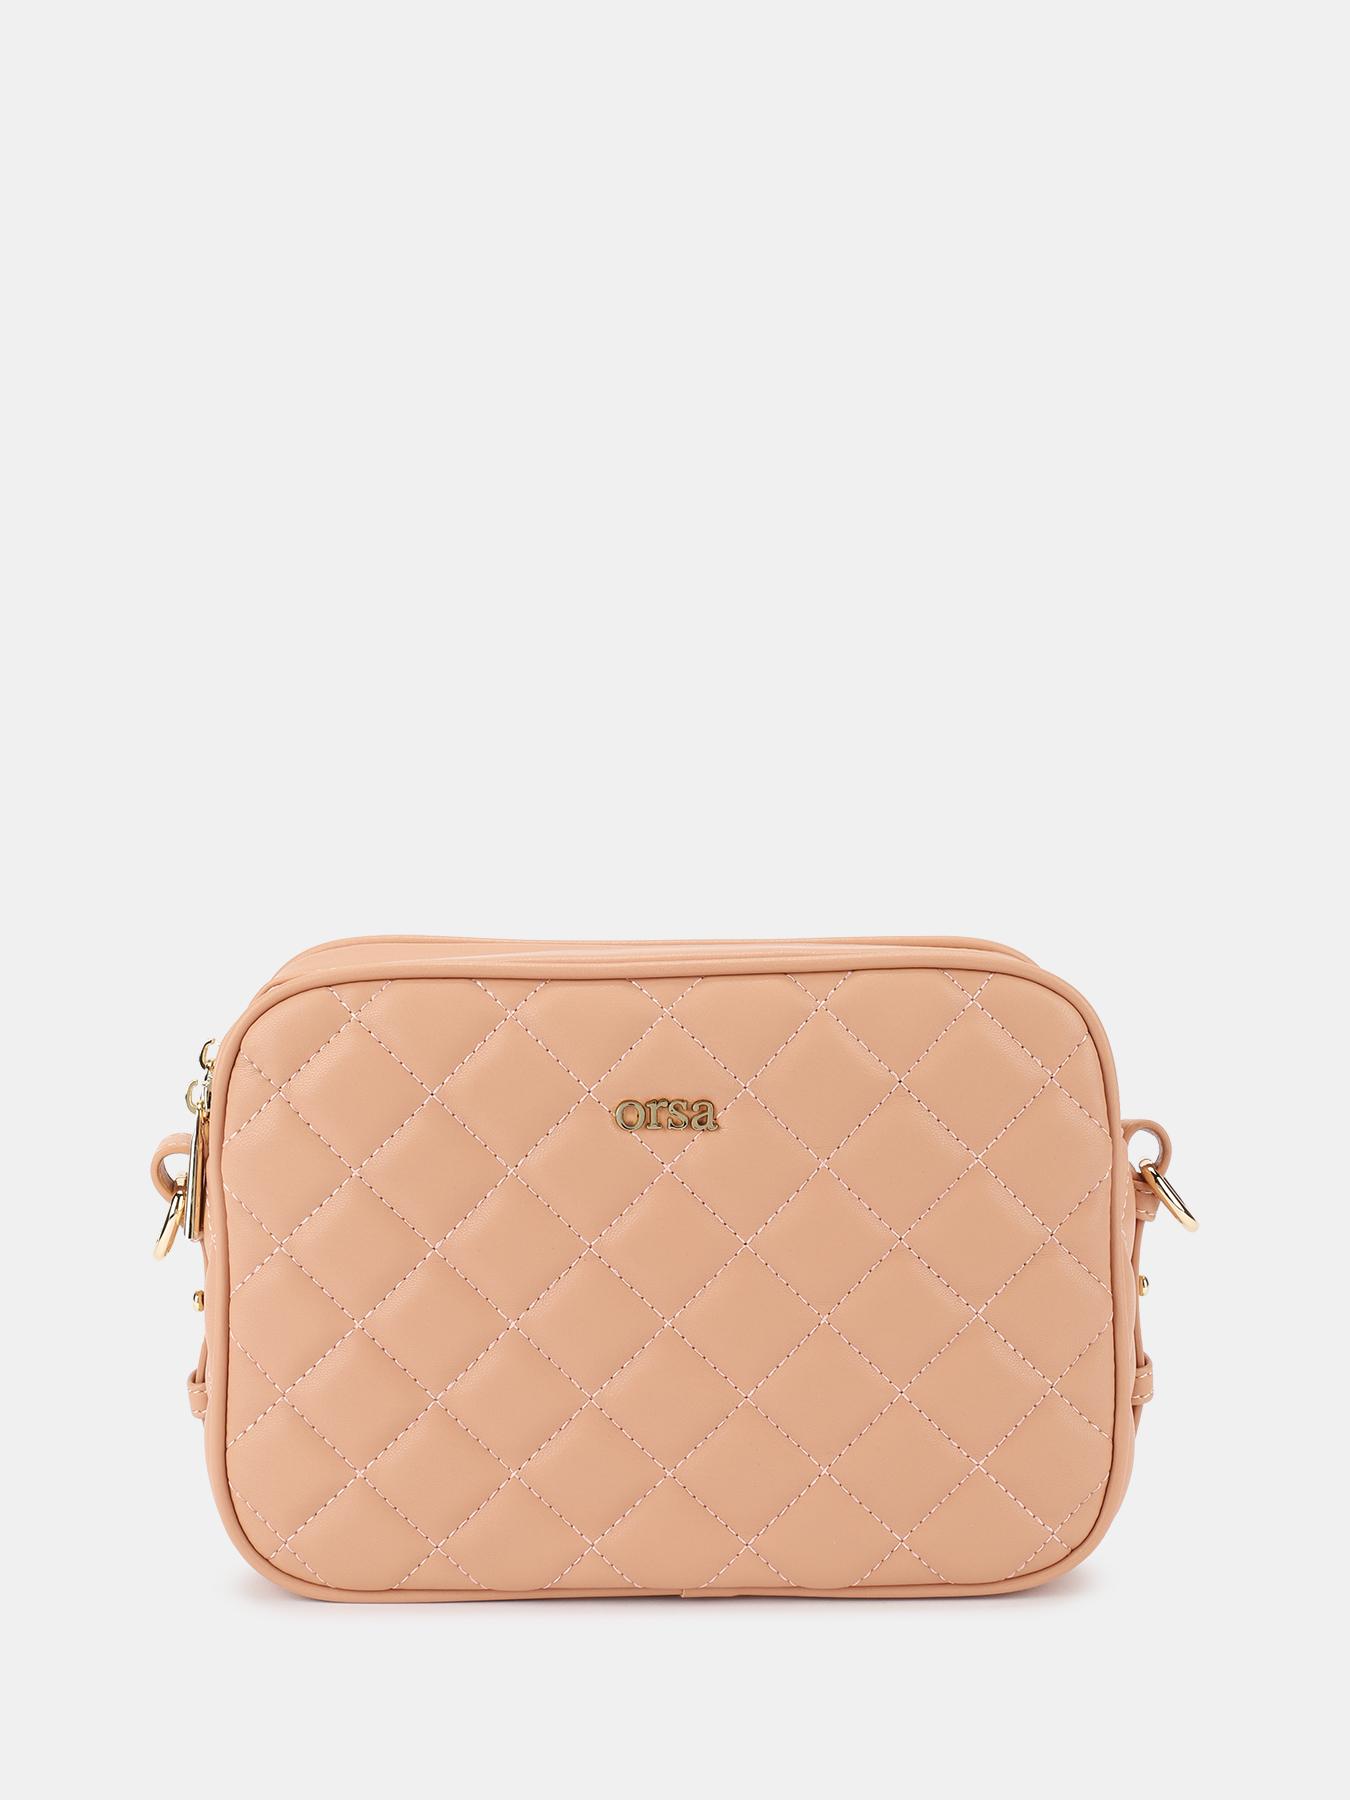 Сумки через плечо ORSA Сумка через плечо сумка через плечо new brand 2015 desigual 8181